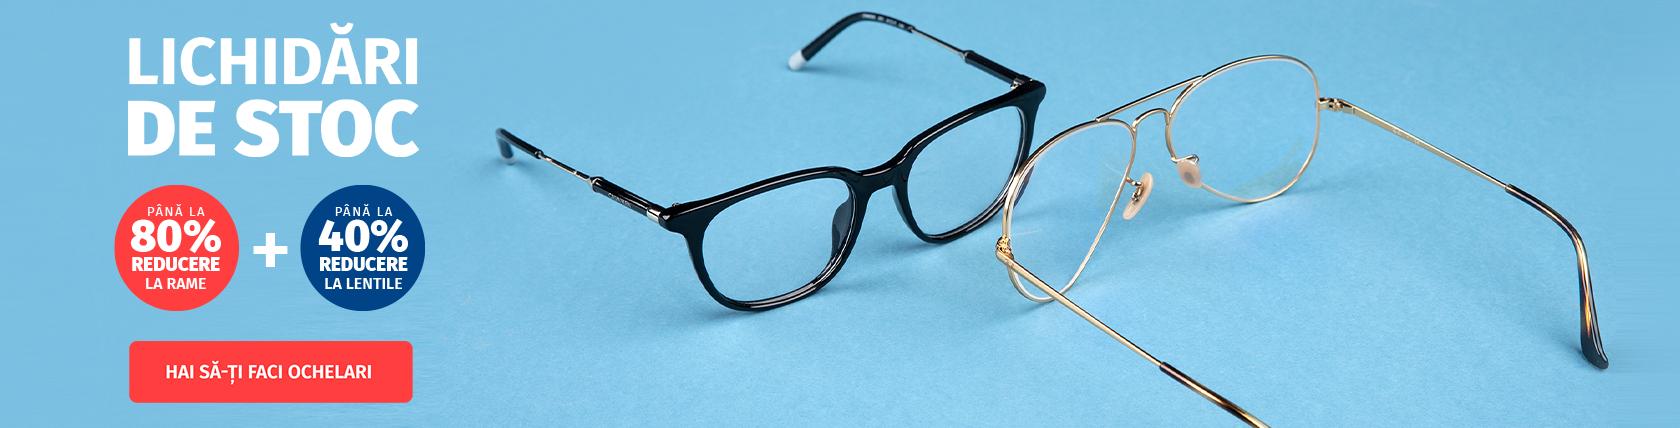 Lichidări de stoc cu reduceri de până 80% la ochelarii de soare și de vedere! Profită și tu!